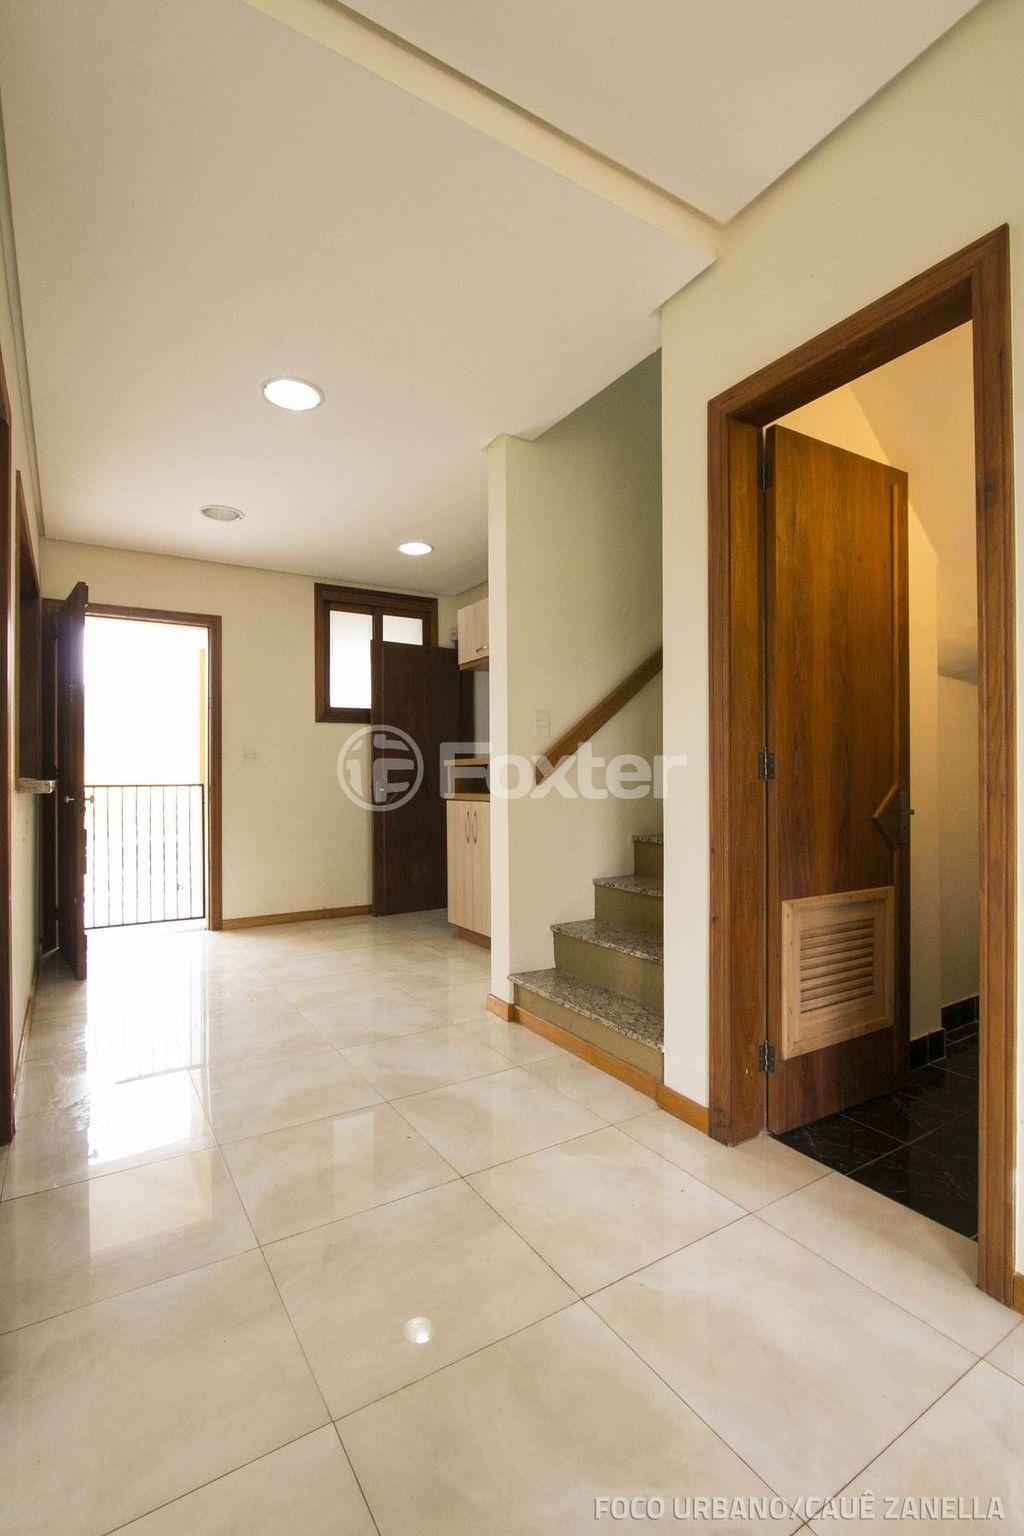 Foxter Imobiliária - Casa 4 Dorm, Hípica (119139) - Foto 5